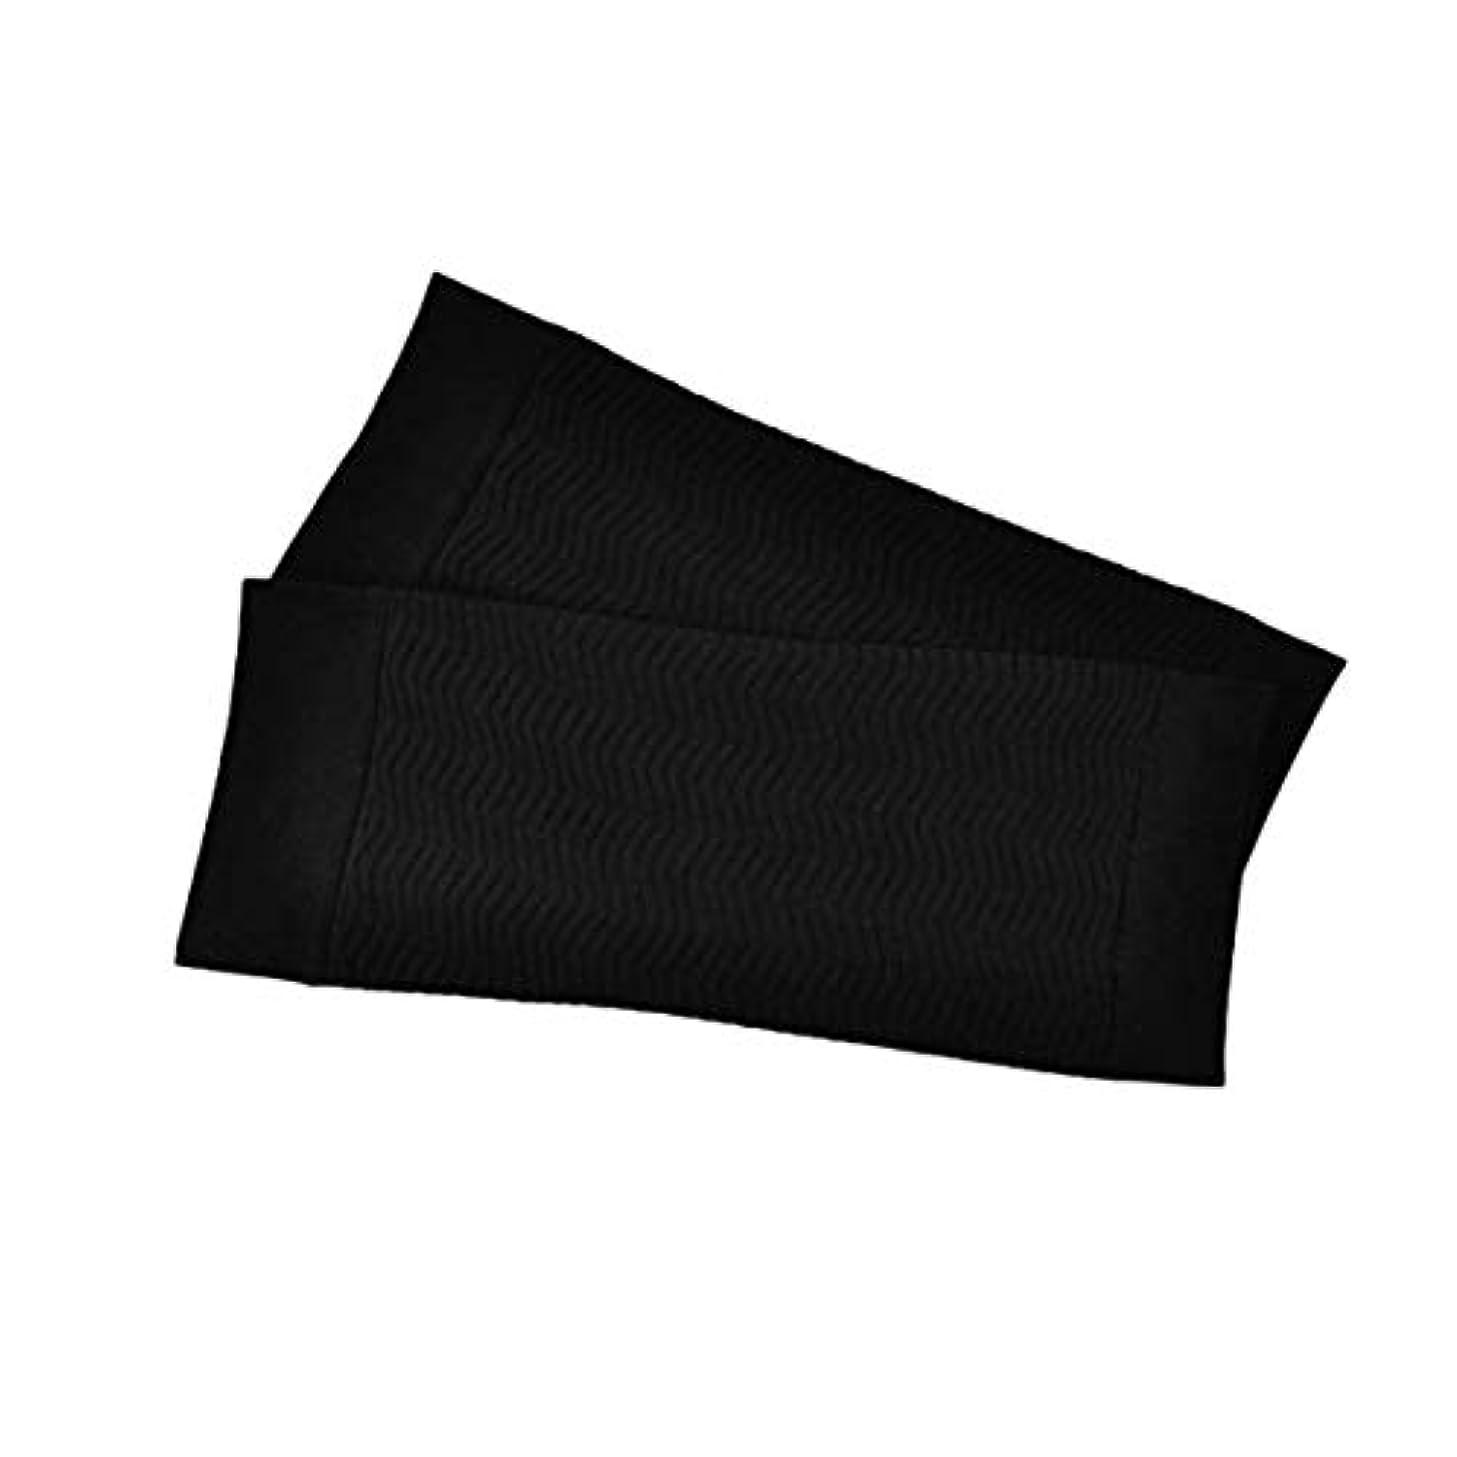 分岐する呪いアサート1ペア680 D圧縮アームシェイパーワークアウトトーニングバーンセルライトスリミングアームスリーブ脂肪燃焼半袖用女性 - ブラック